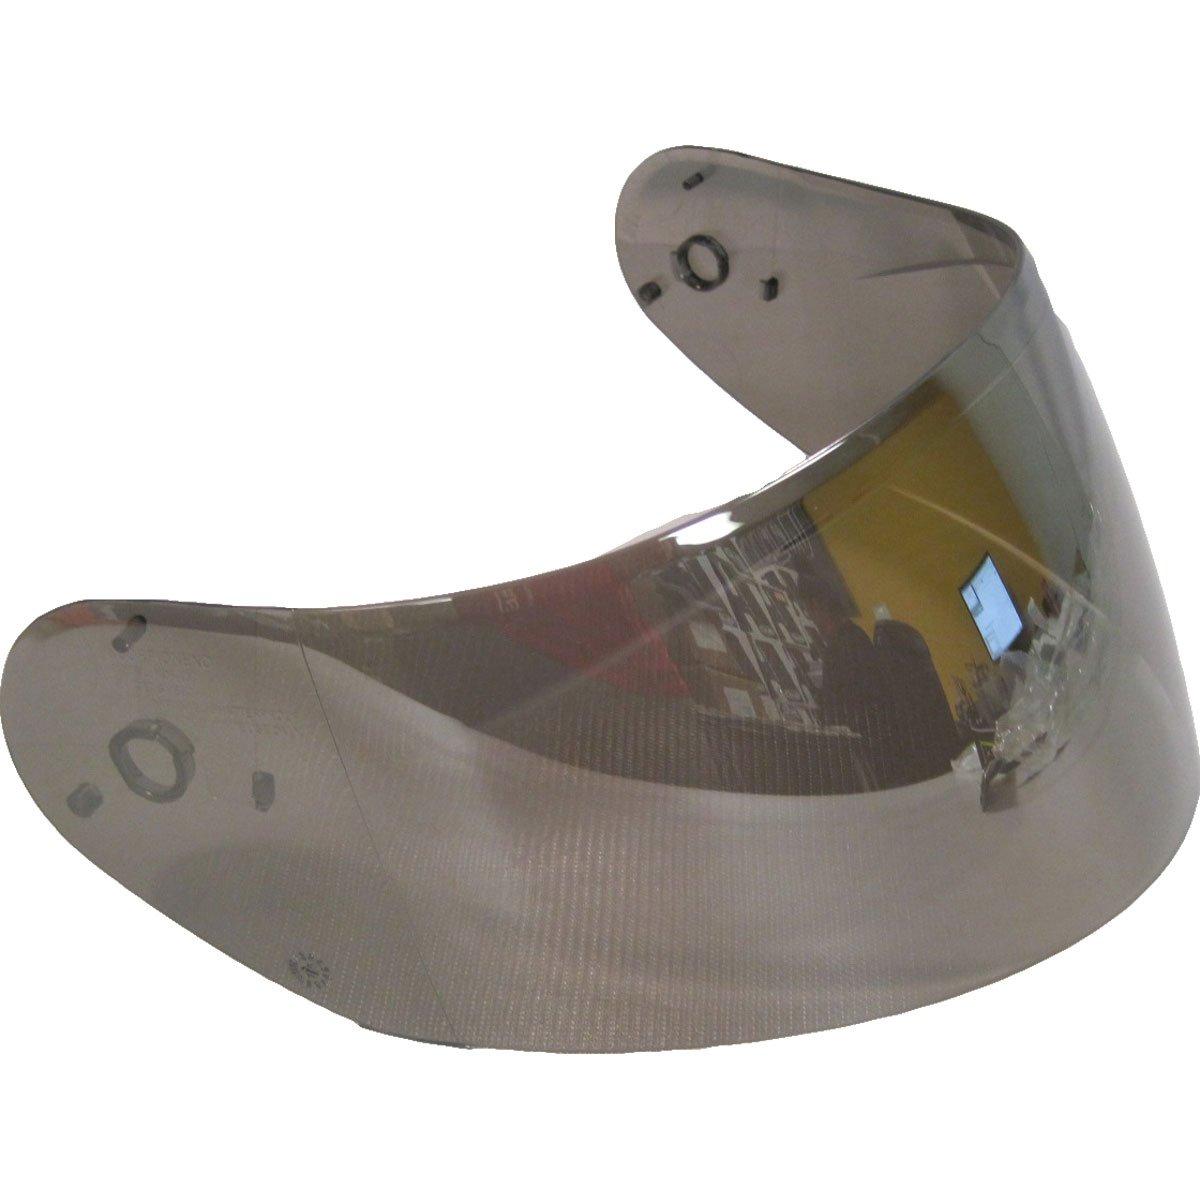 Scorpion GT920/3000 Shield (Silver)